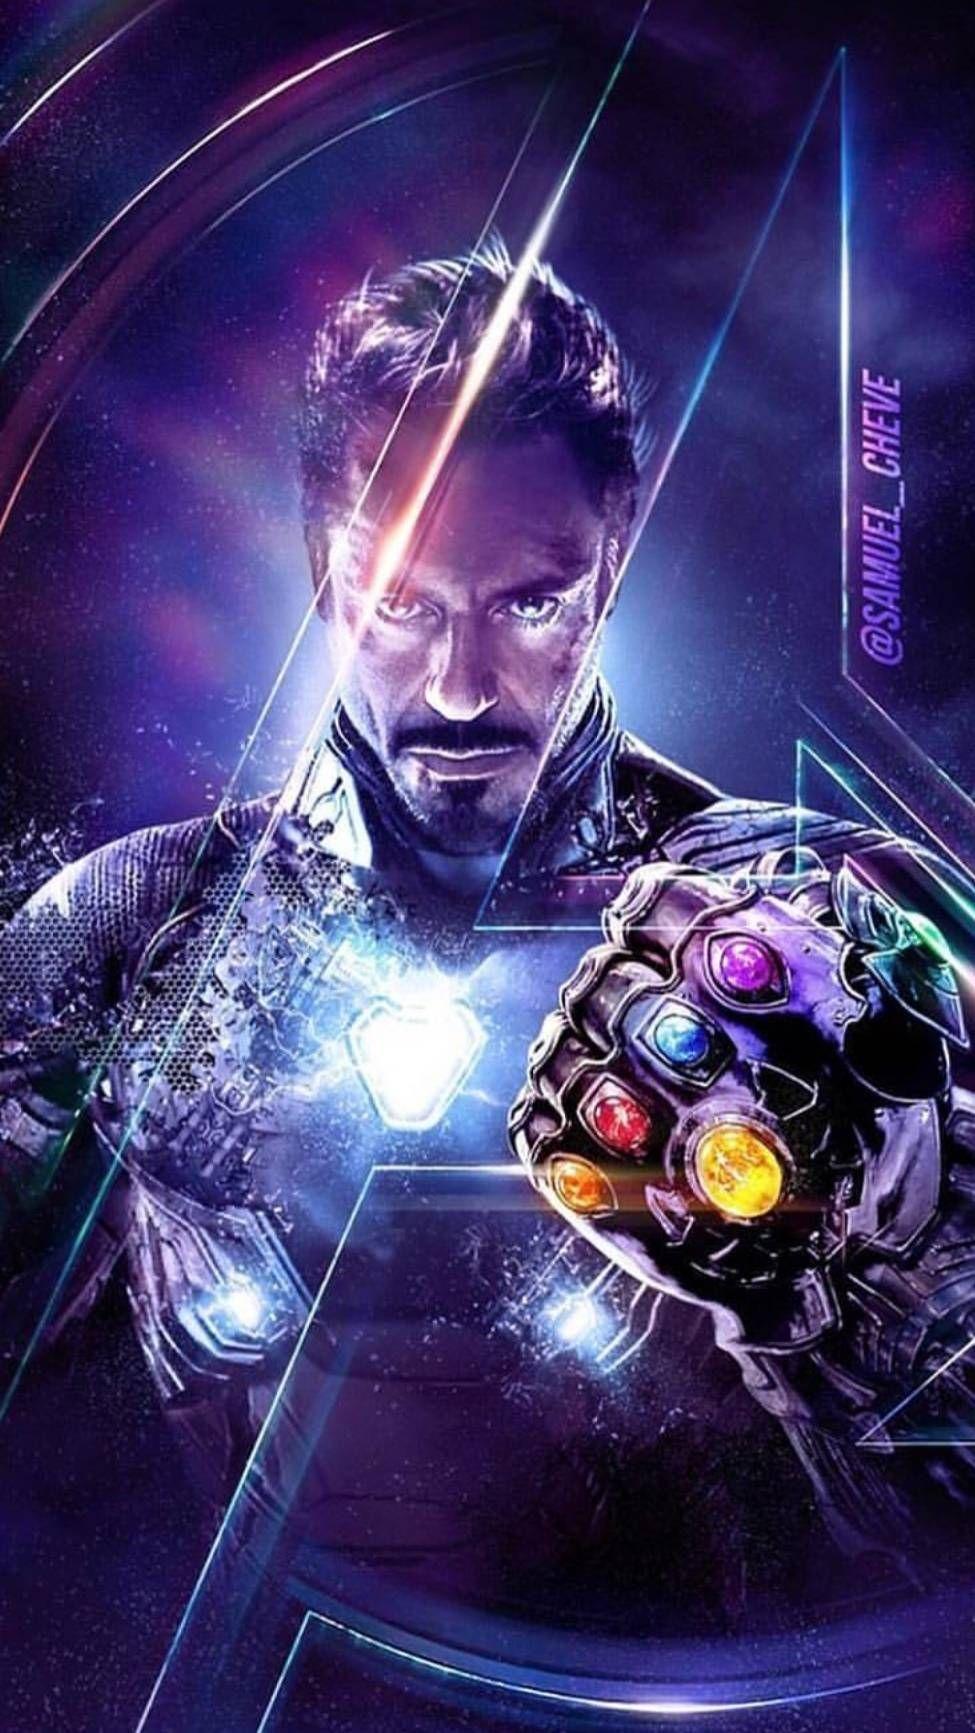 Avengers Endgame hd fotoları